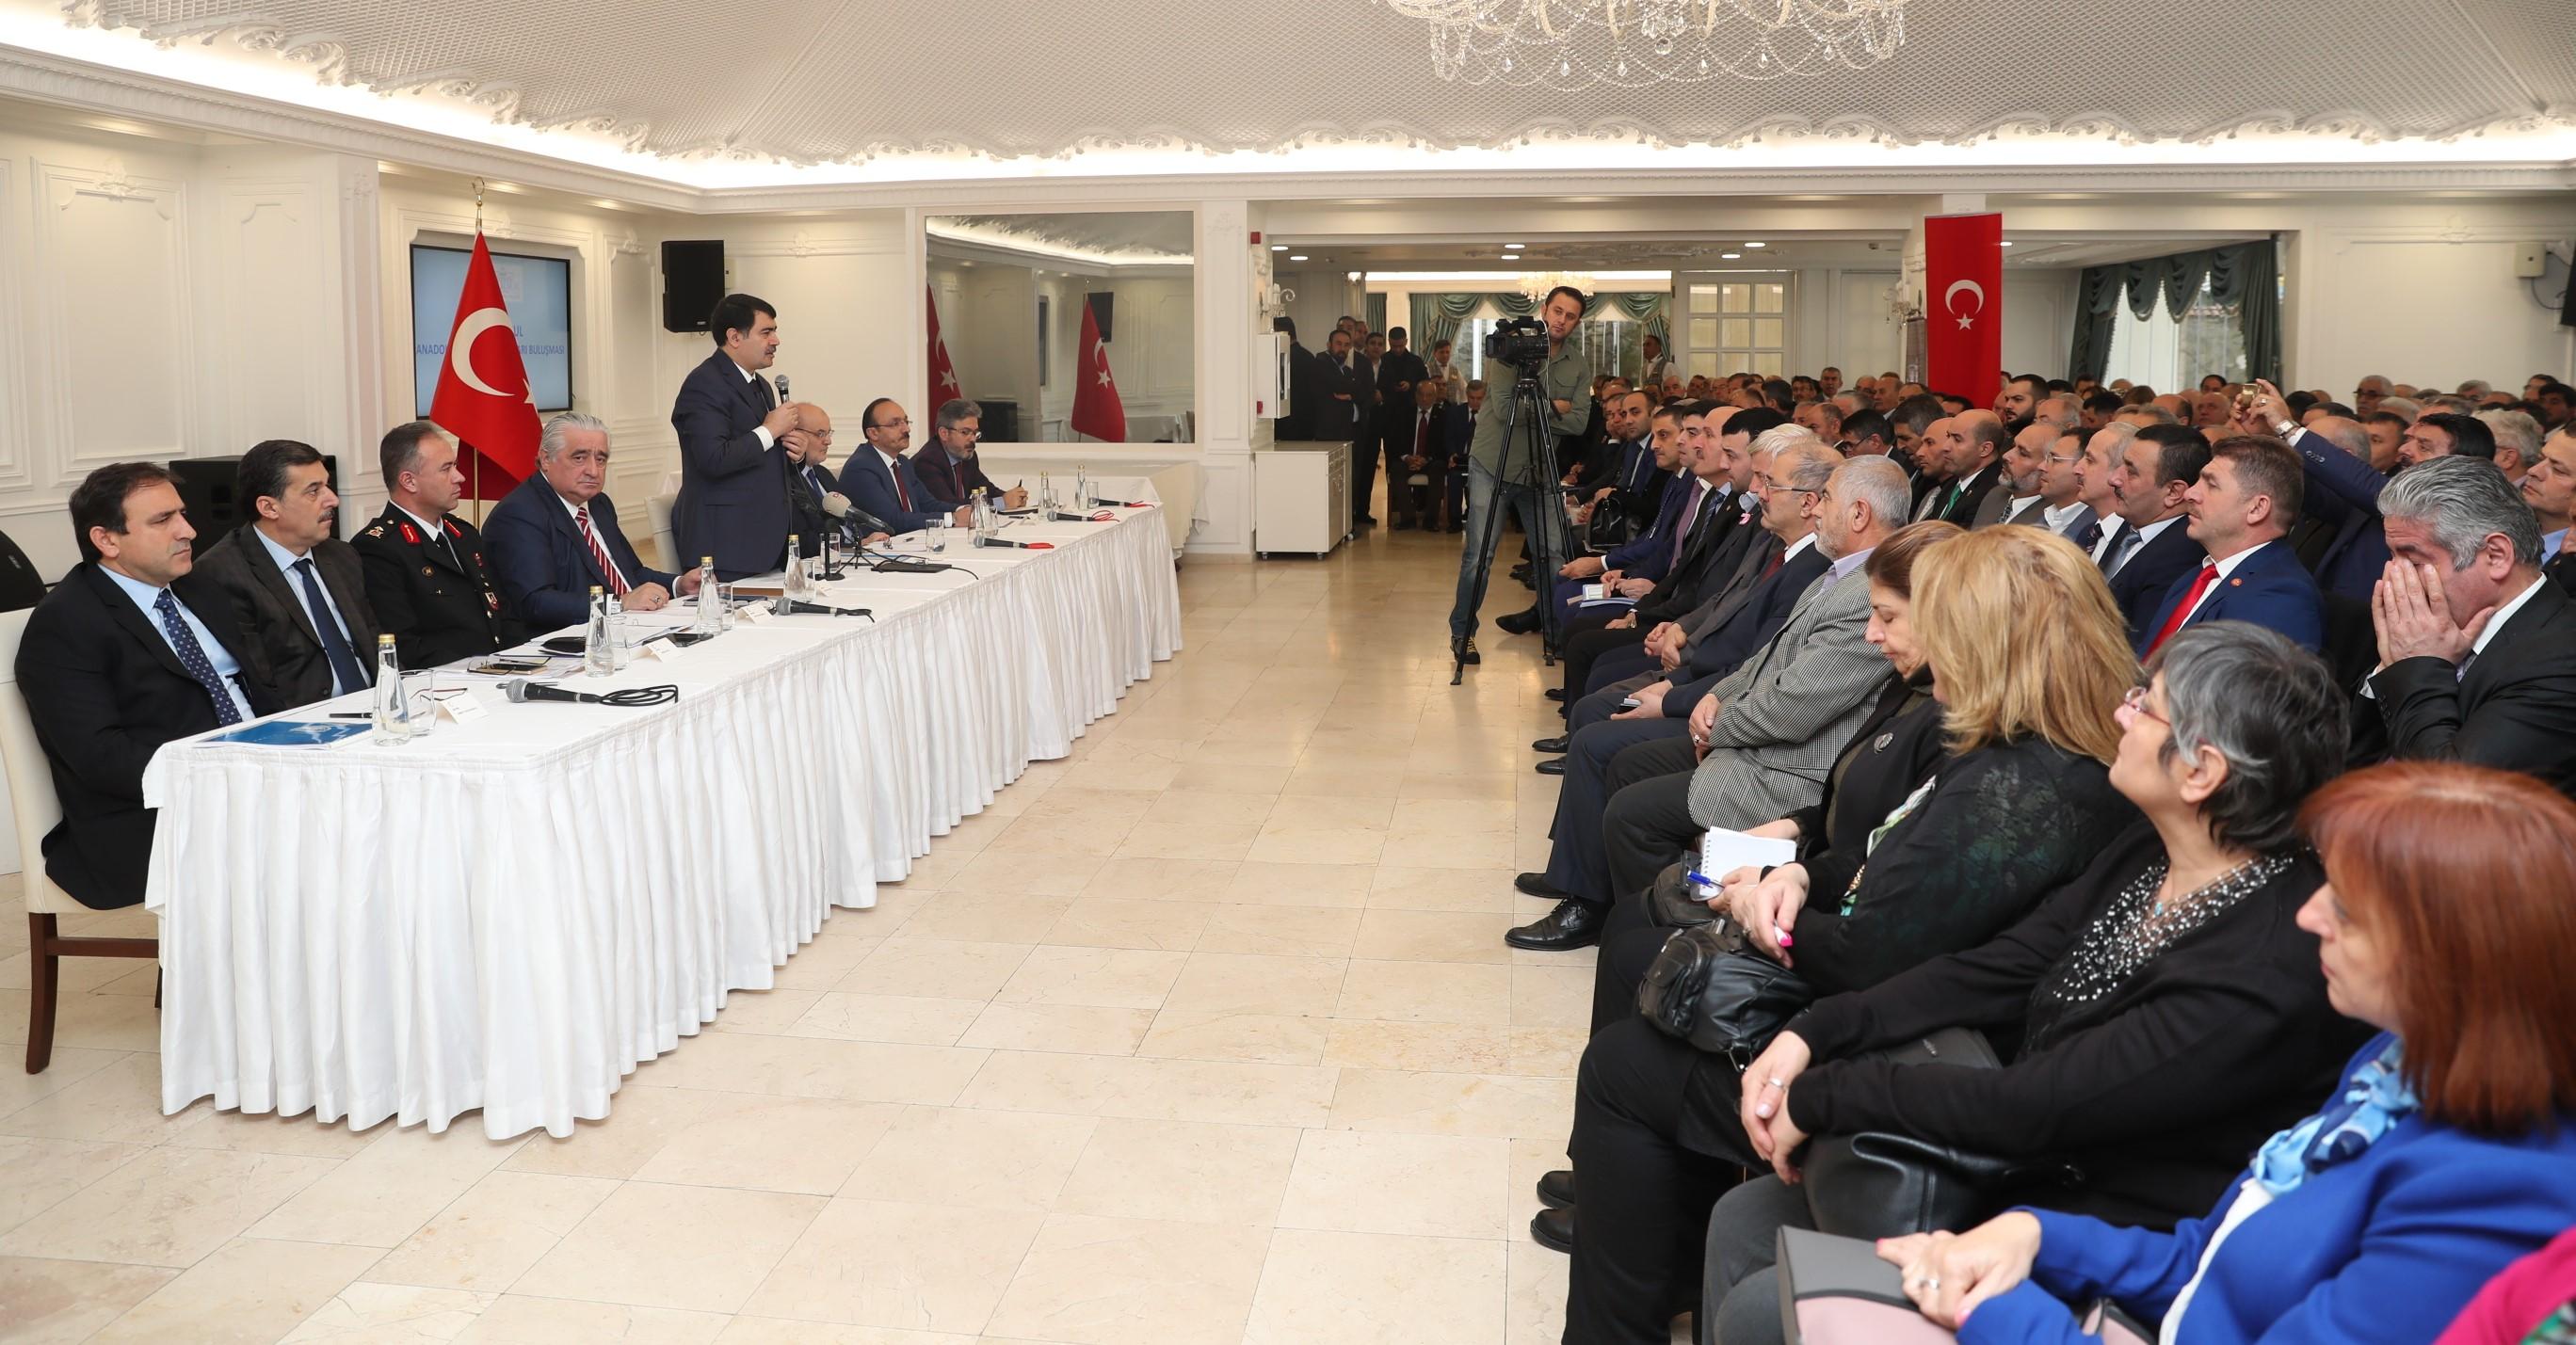 Vali Şahin, Anadolu Yakası'ndaki Muhtarlarla Beykoz'da Buluştu